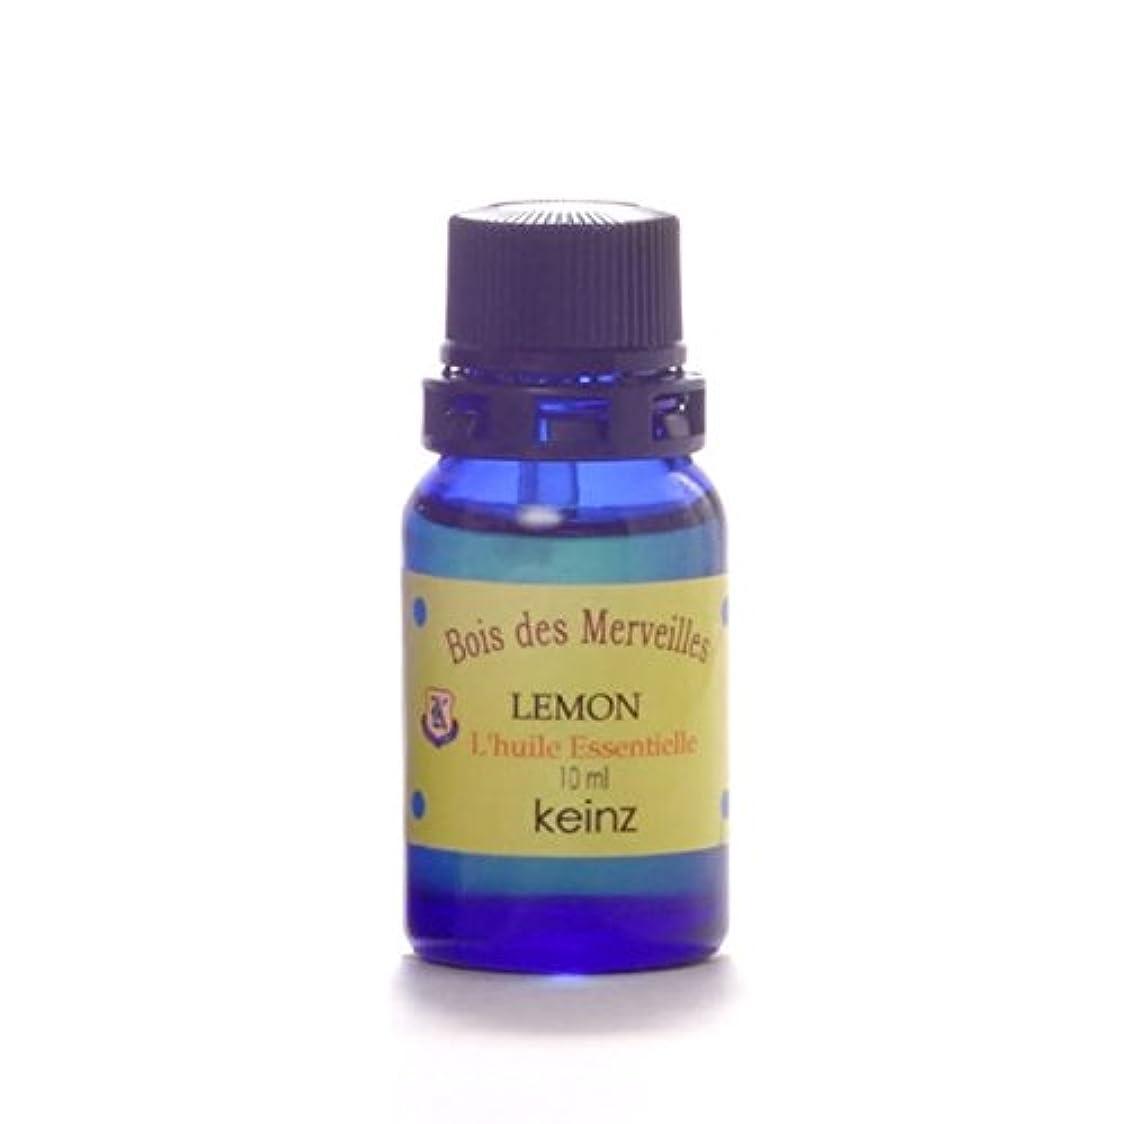 ラップ暖かさケーブルカーkeinzエッセンシャルオイル「レモン10ml」ケインズ正規品 製造国アメリカ 冷圧搾法 完全無添加精油 人工香料は使っていません。【送料無料】